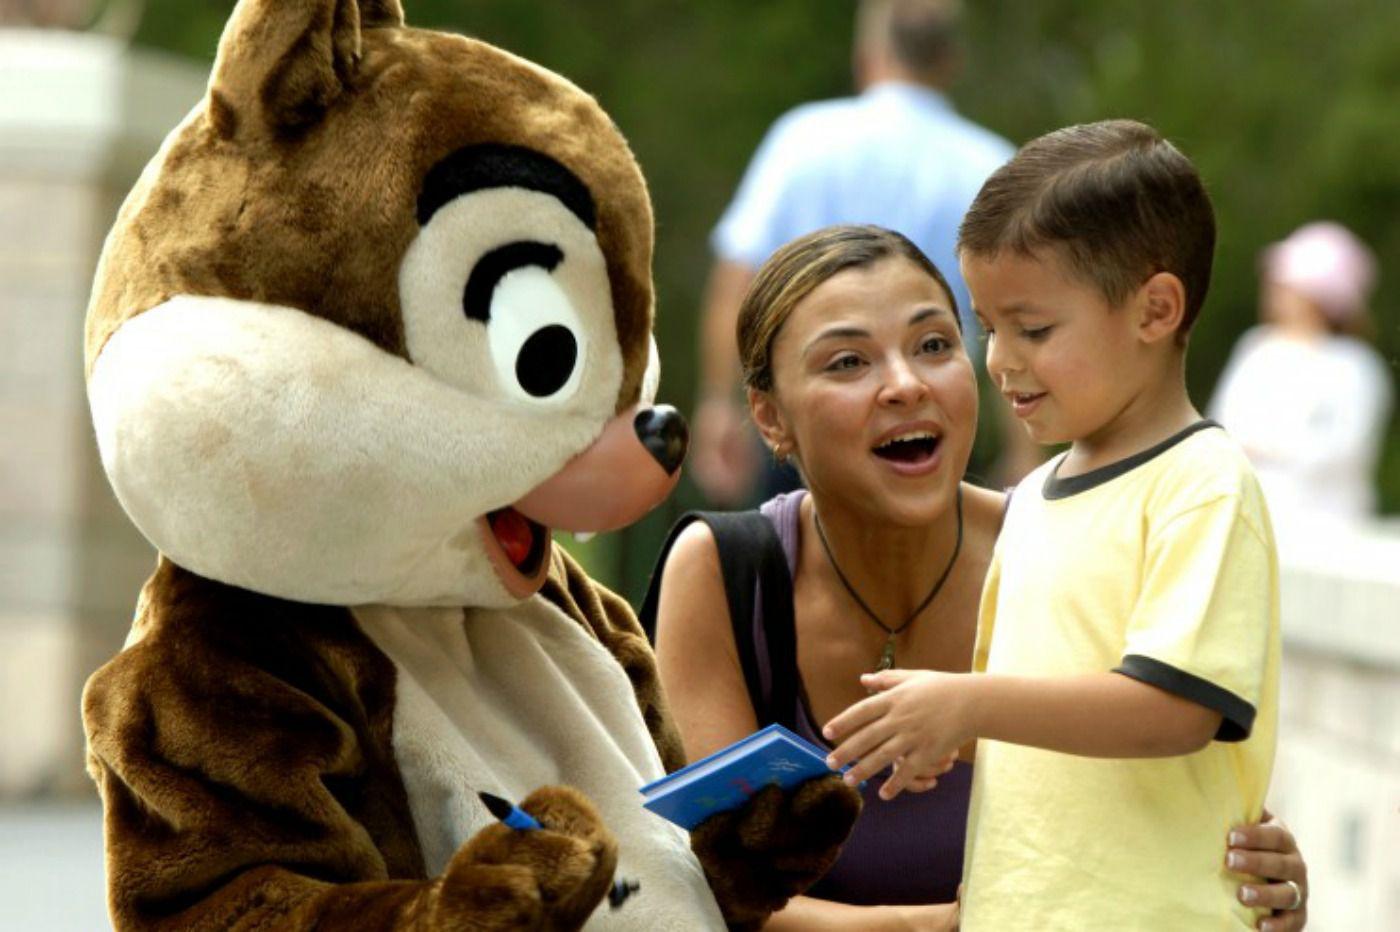 Autógrafo de Disney Chip y Dale para un niño